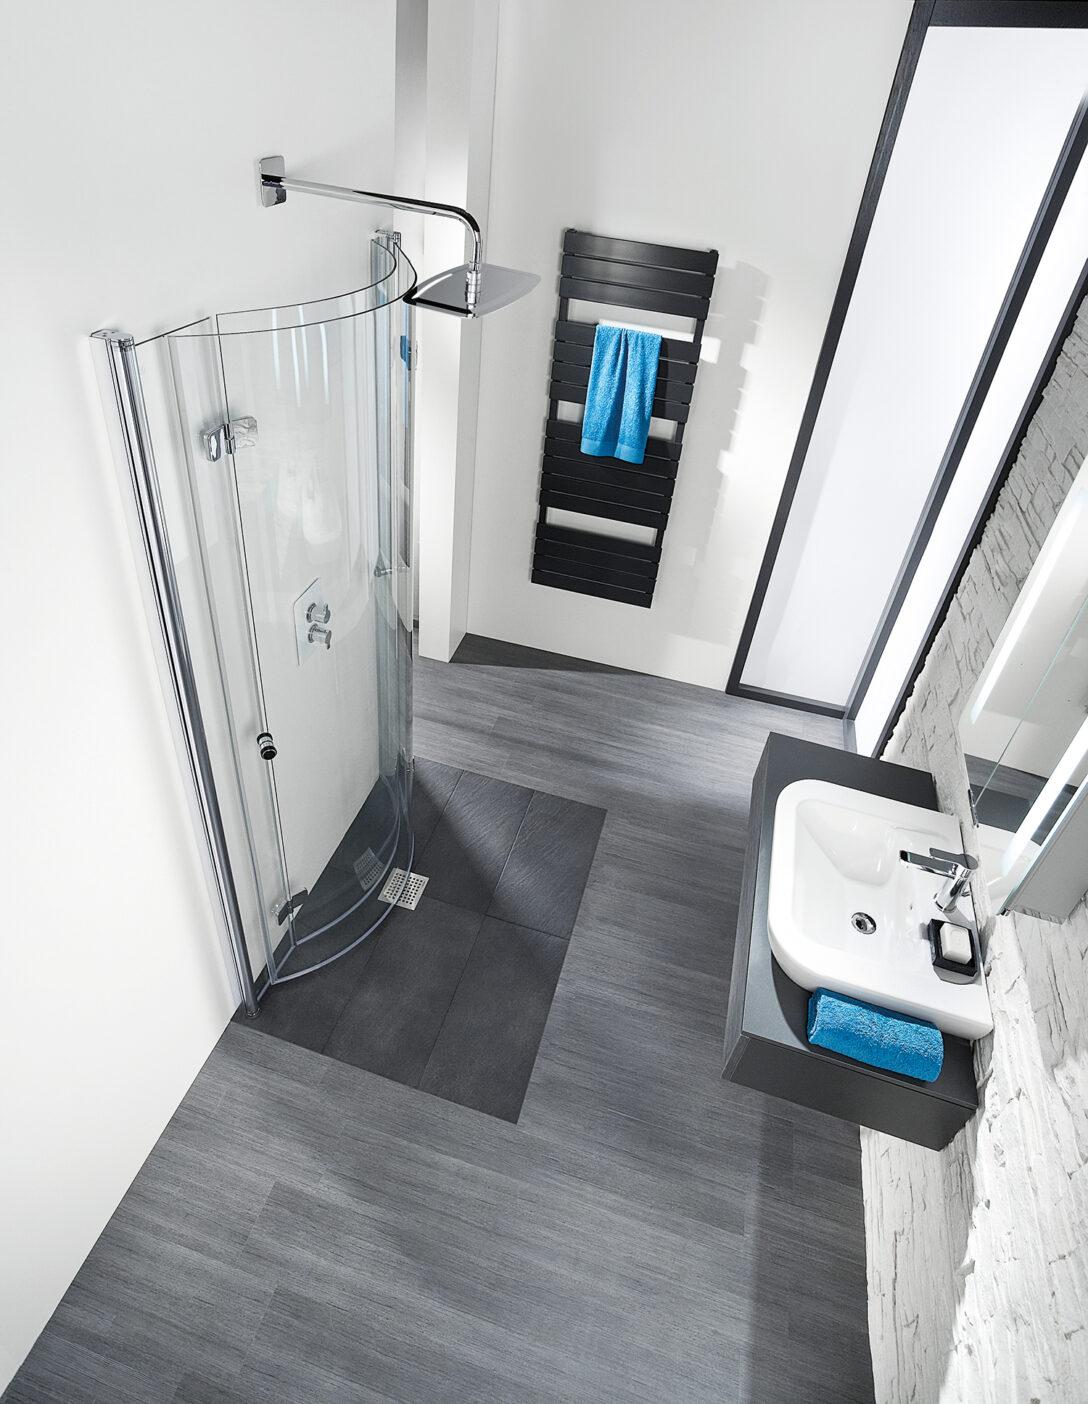 Large Size of Hsk Duschen Showers Kg Presseportal Bodengleiche Sprinz Kaufen Begehbare Hüppe Moderne Schulte Breuer Werksverkauf Dusche Hsk Duschen